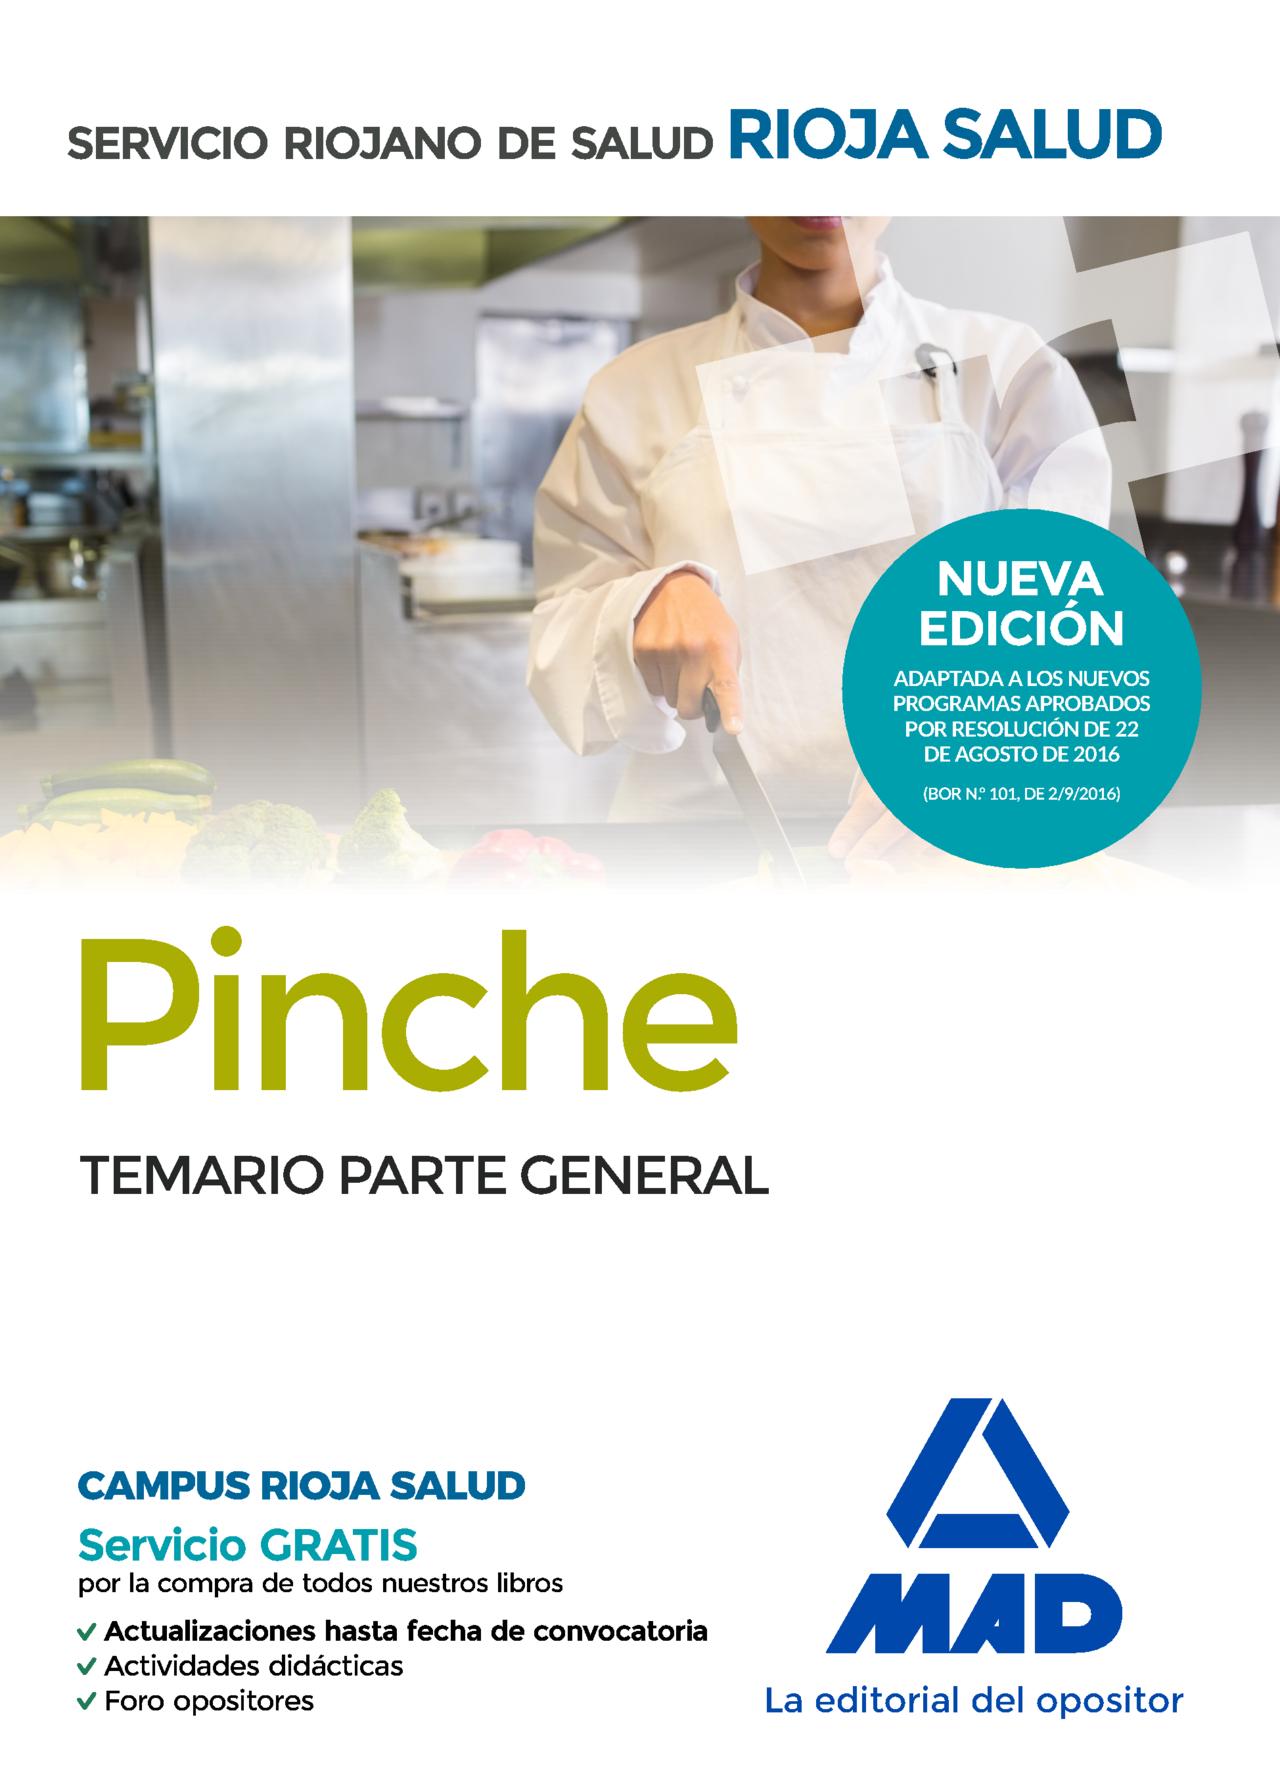 Pinches Del Servicio Riojano De Salud. Temario Parte General - Vv.aa.